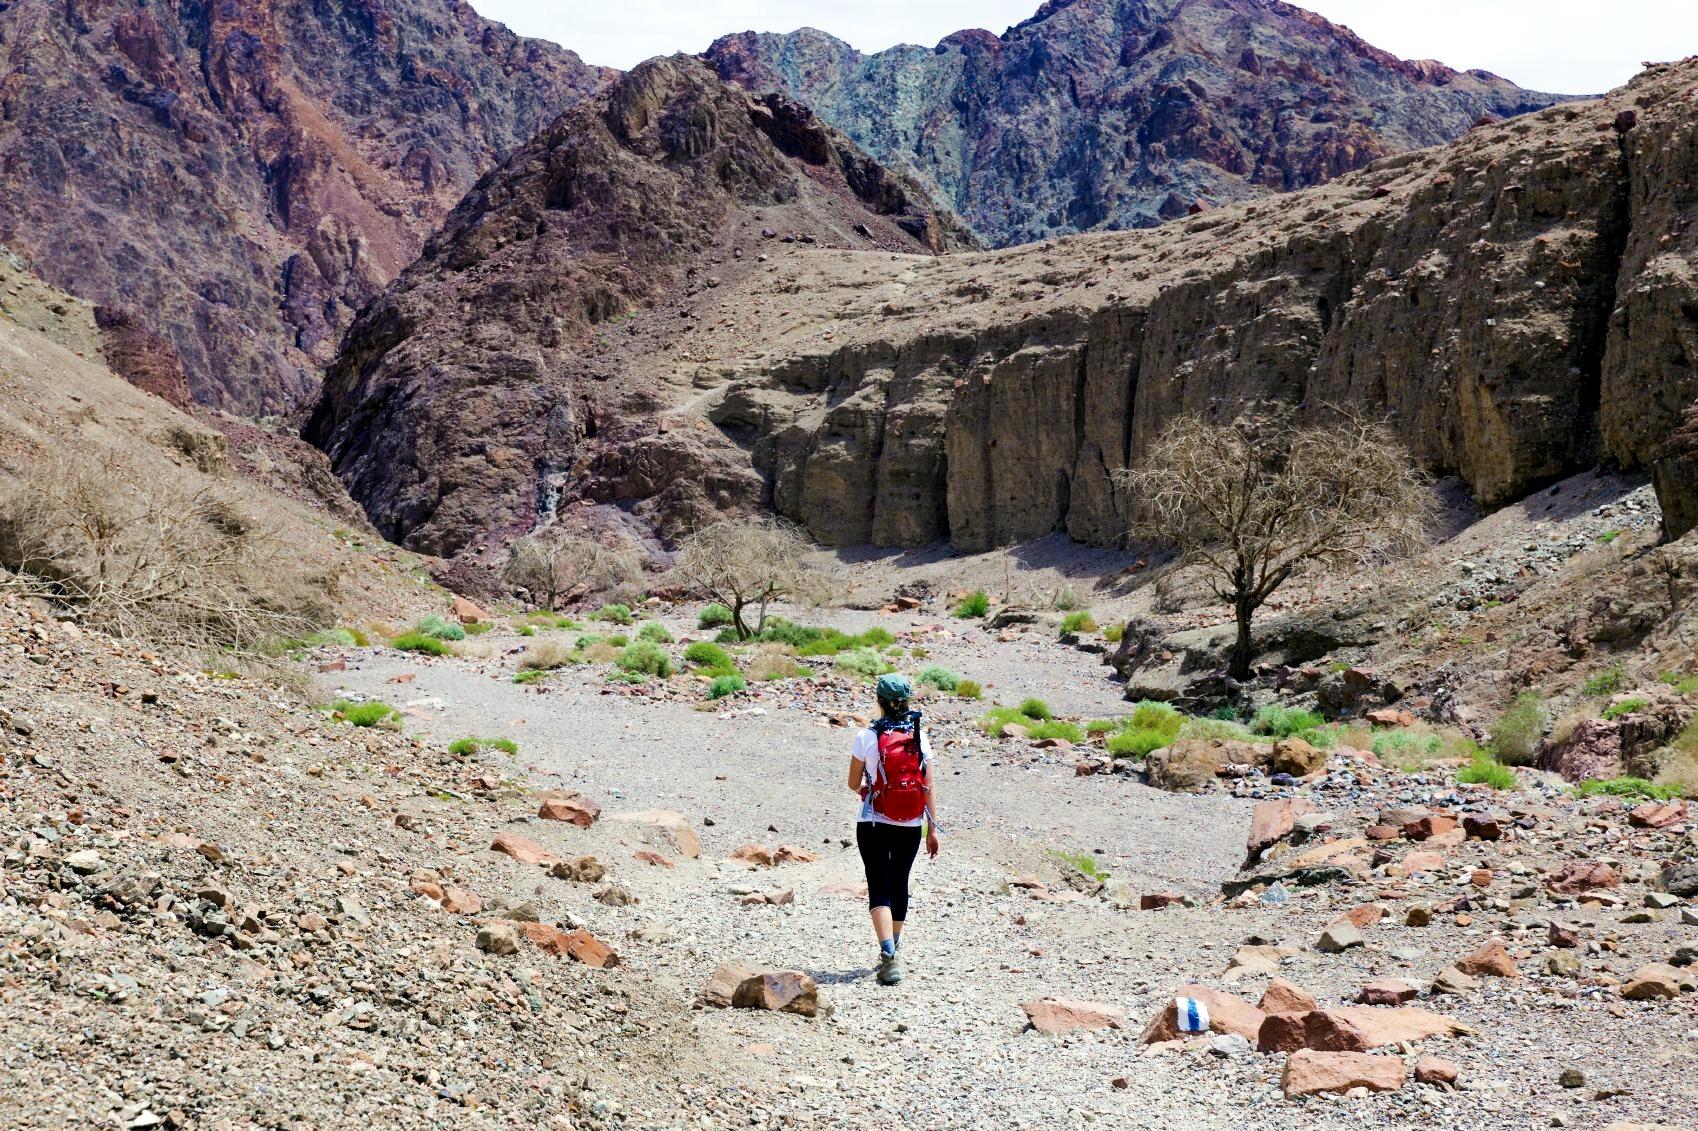 Hiking-desert